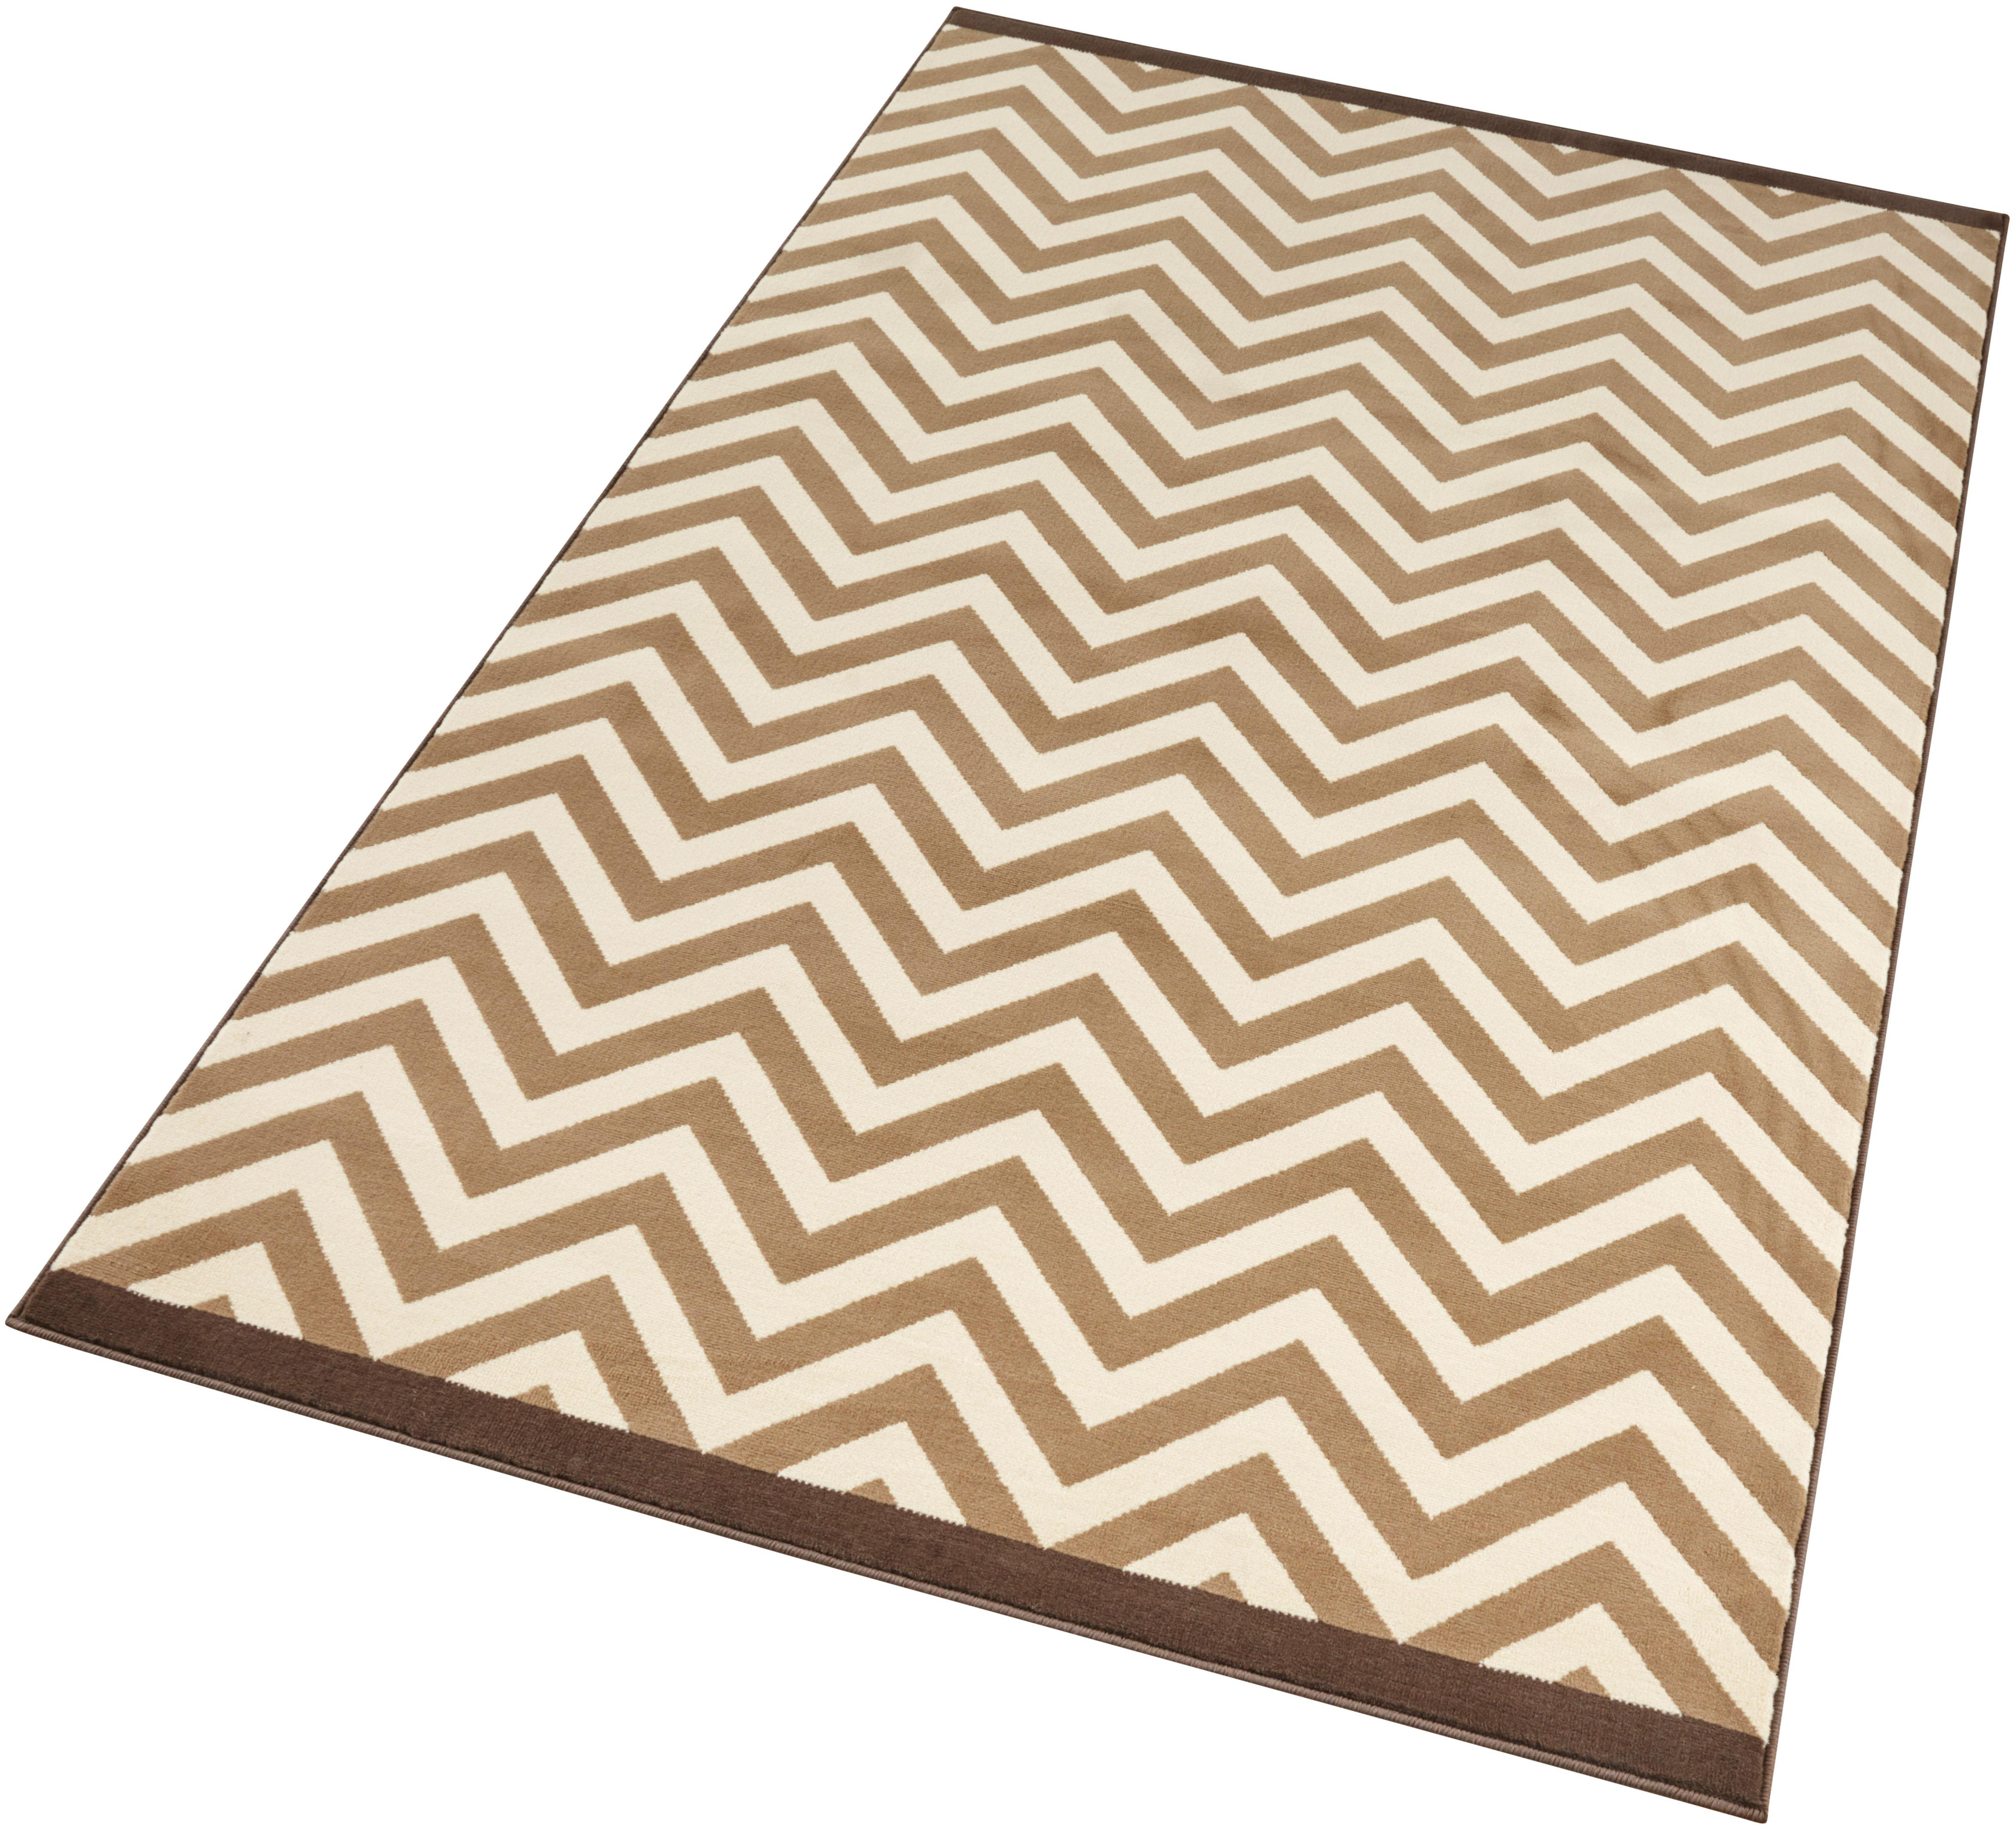 Teppich Meridian HANSE Home rechteckig Höhe 9 mm maschinell gewebt